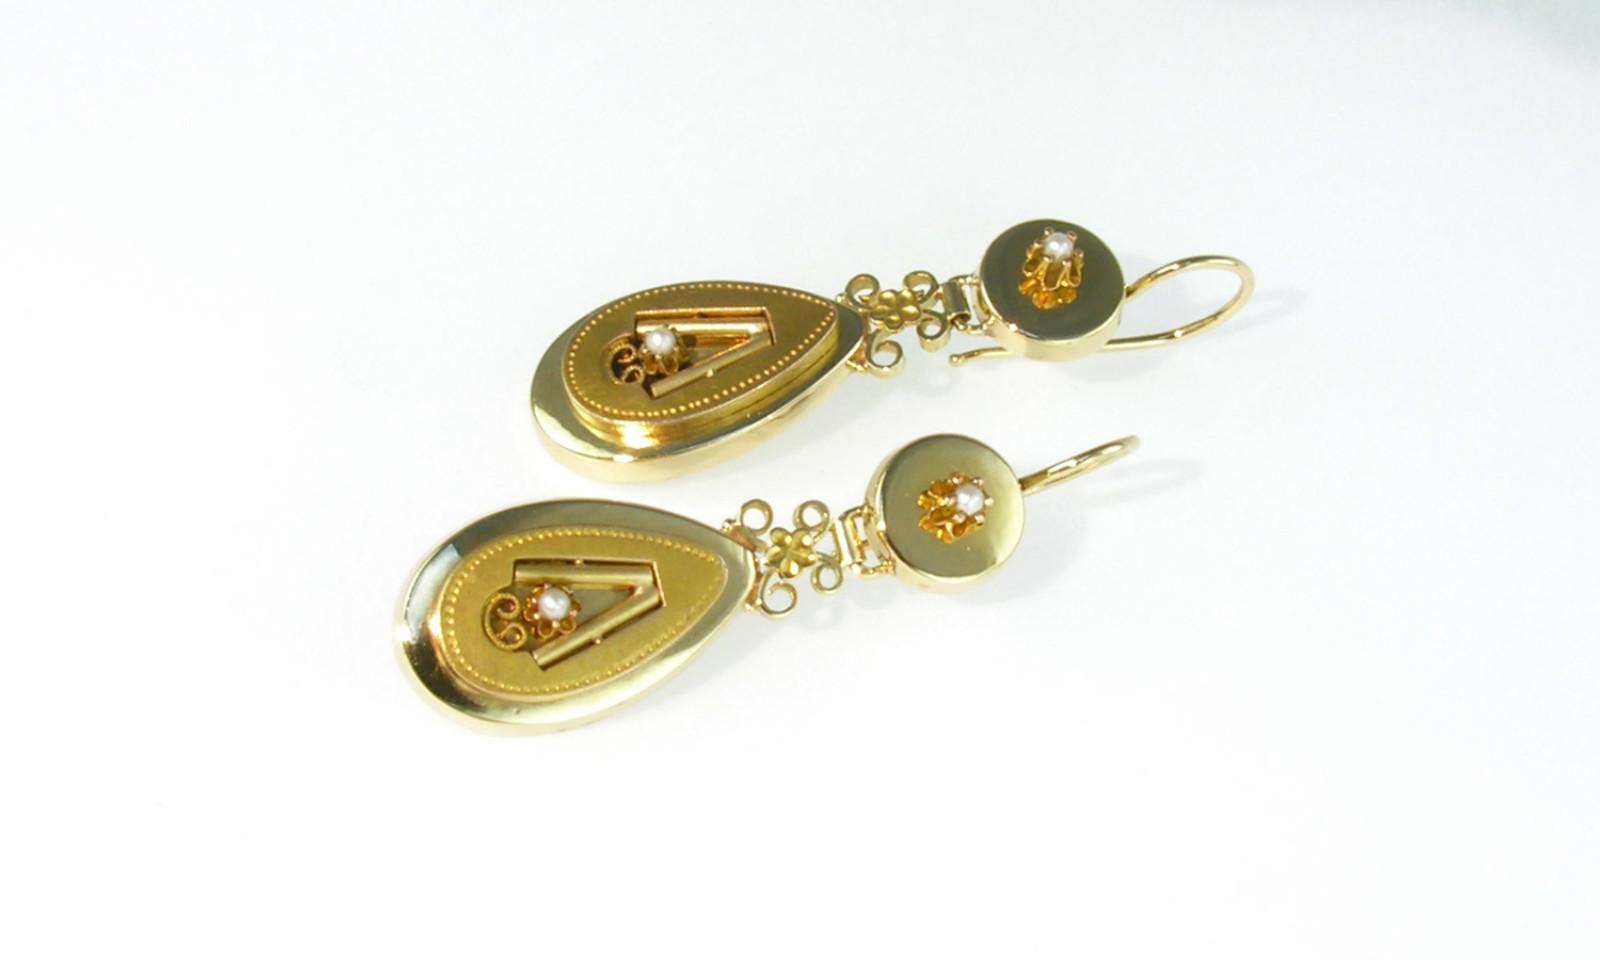 Ohrhaenger Biedermeier Gold. Ohrhänger Biedermeier, Gold 585 mit 4 kleinen Perlen, Länge ohne Haken 36 mm, CHF 2250.-